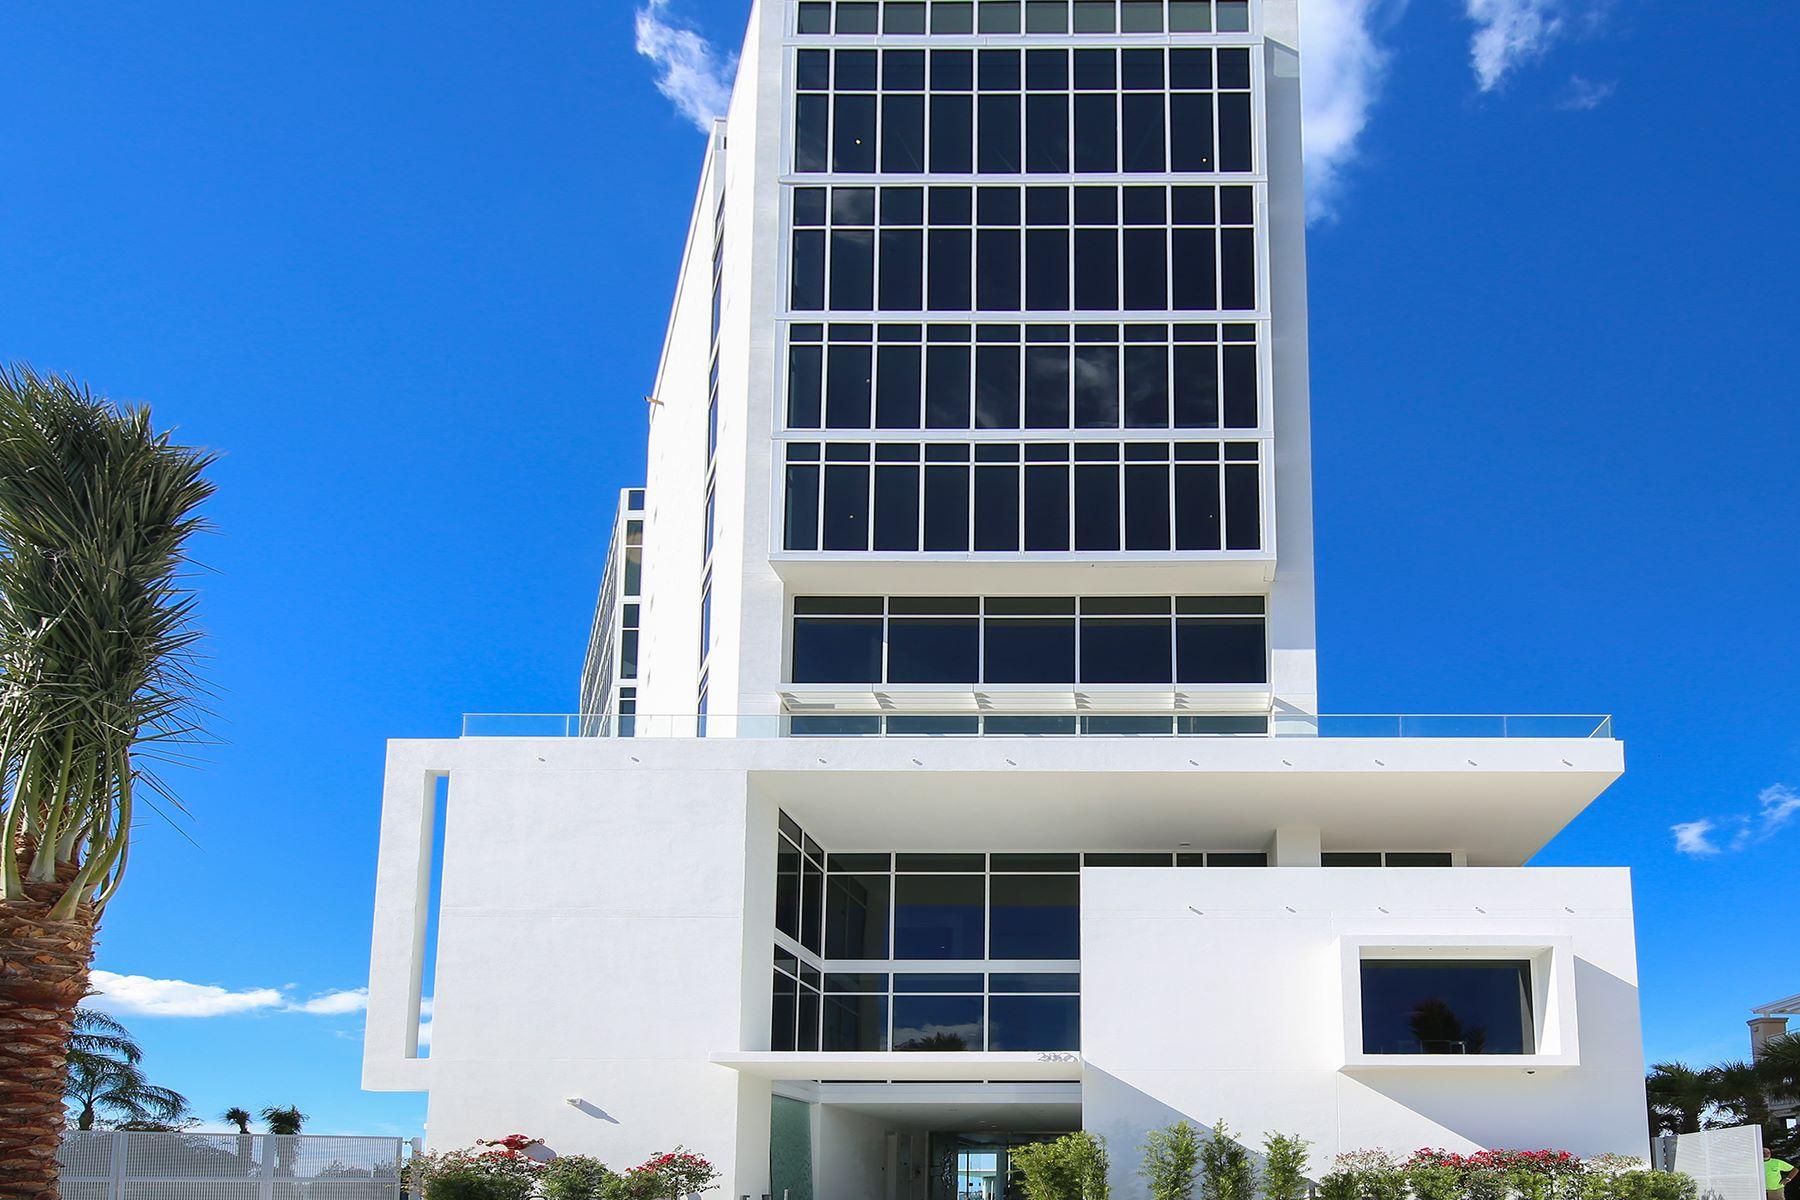 Condomínio para Venda às AQUA 280 Golden Gate Pt Grand Resid Sarasota, Florida, 34236 Estados Unidos